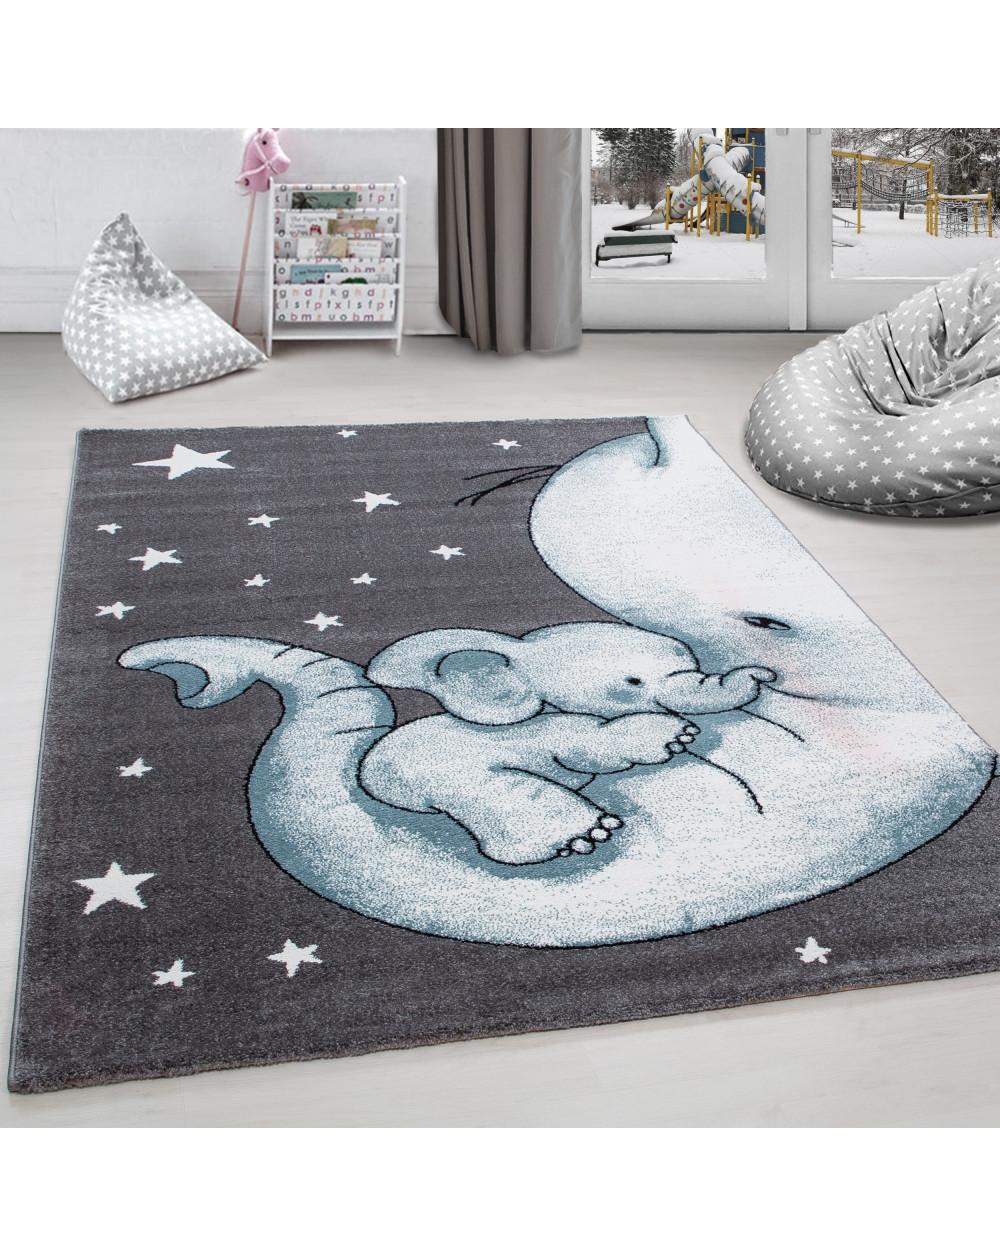 Kinderteppich Kinderzimmer Teppich niedlicher Elefantenbaby Stern  Grau-Weiß-Blau Größe 80x150 cm